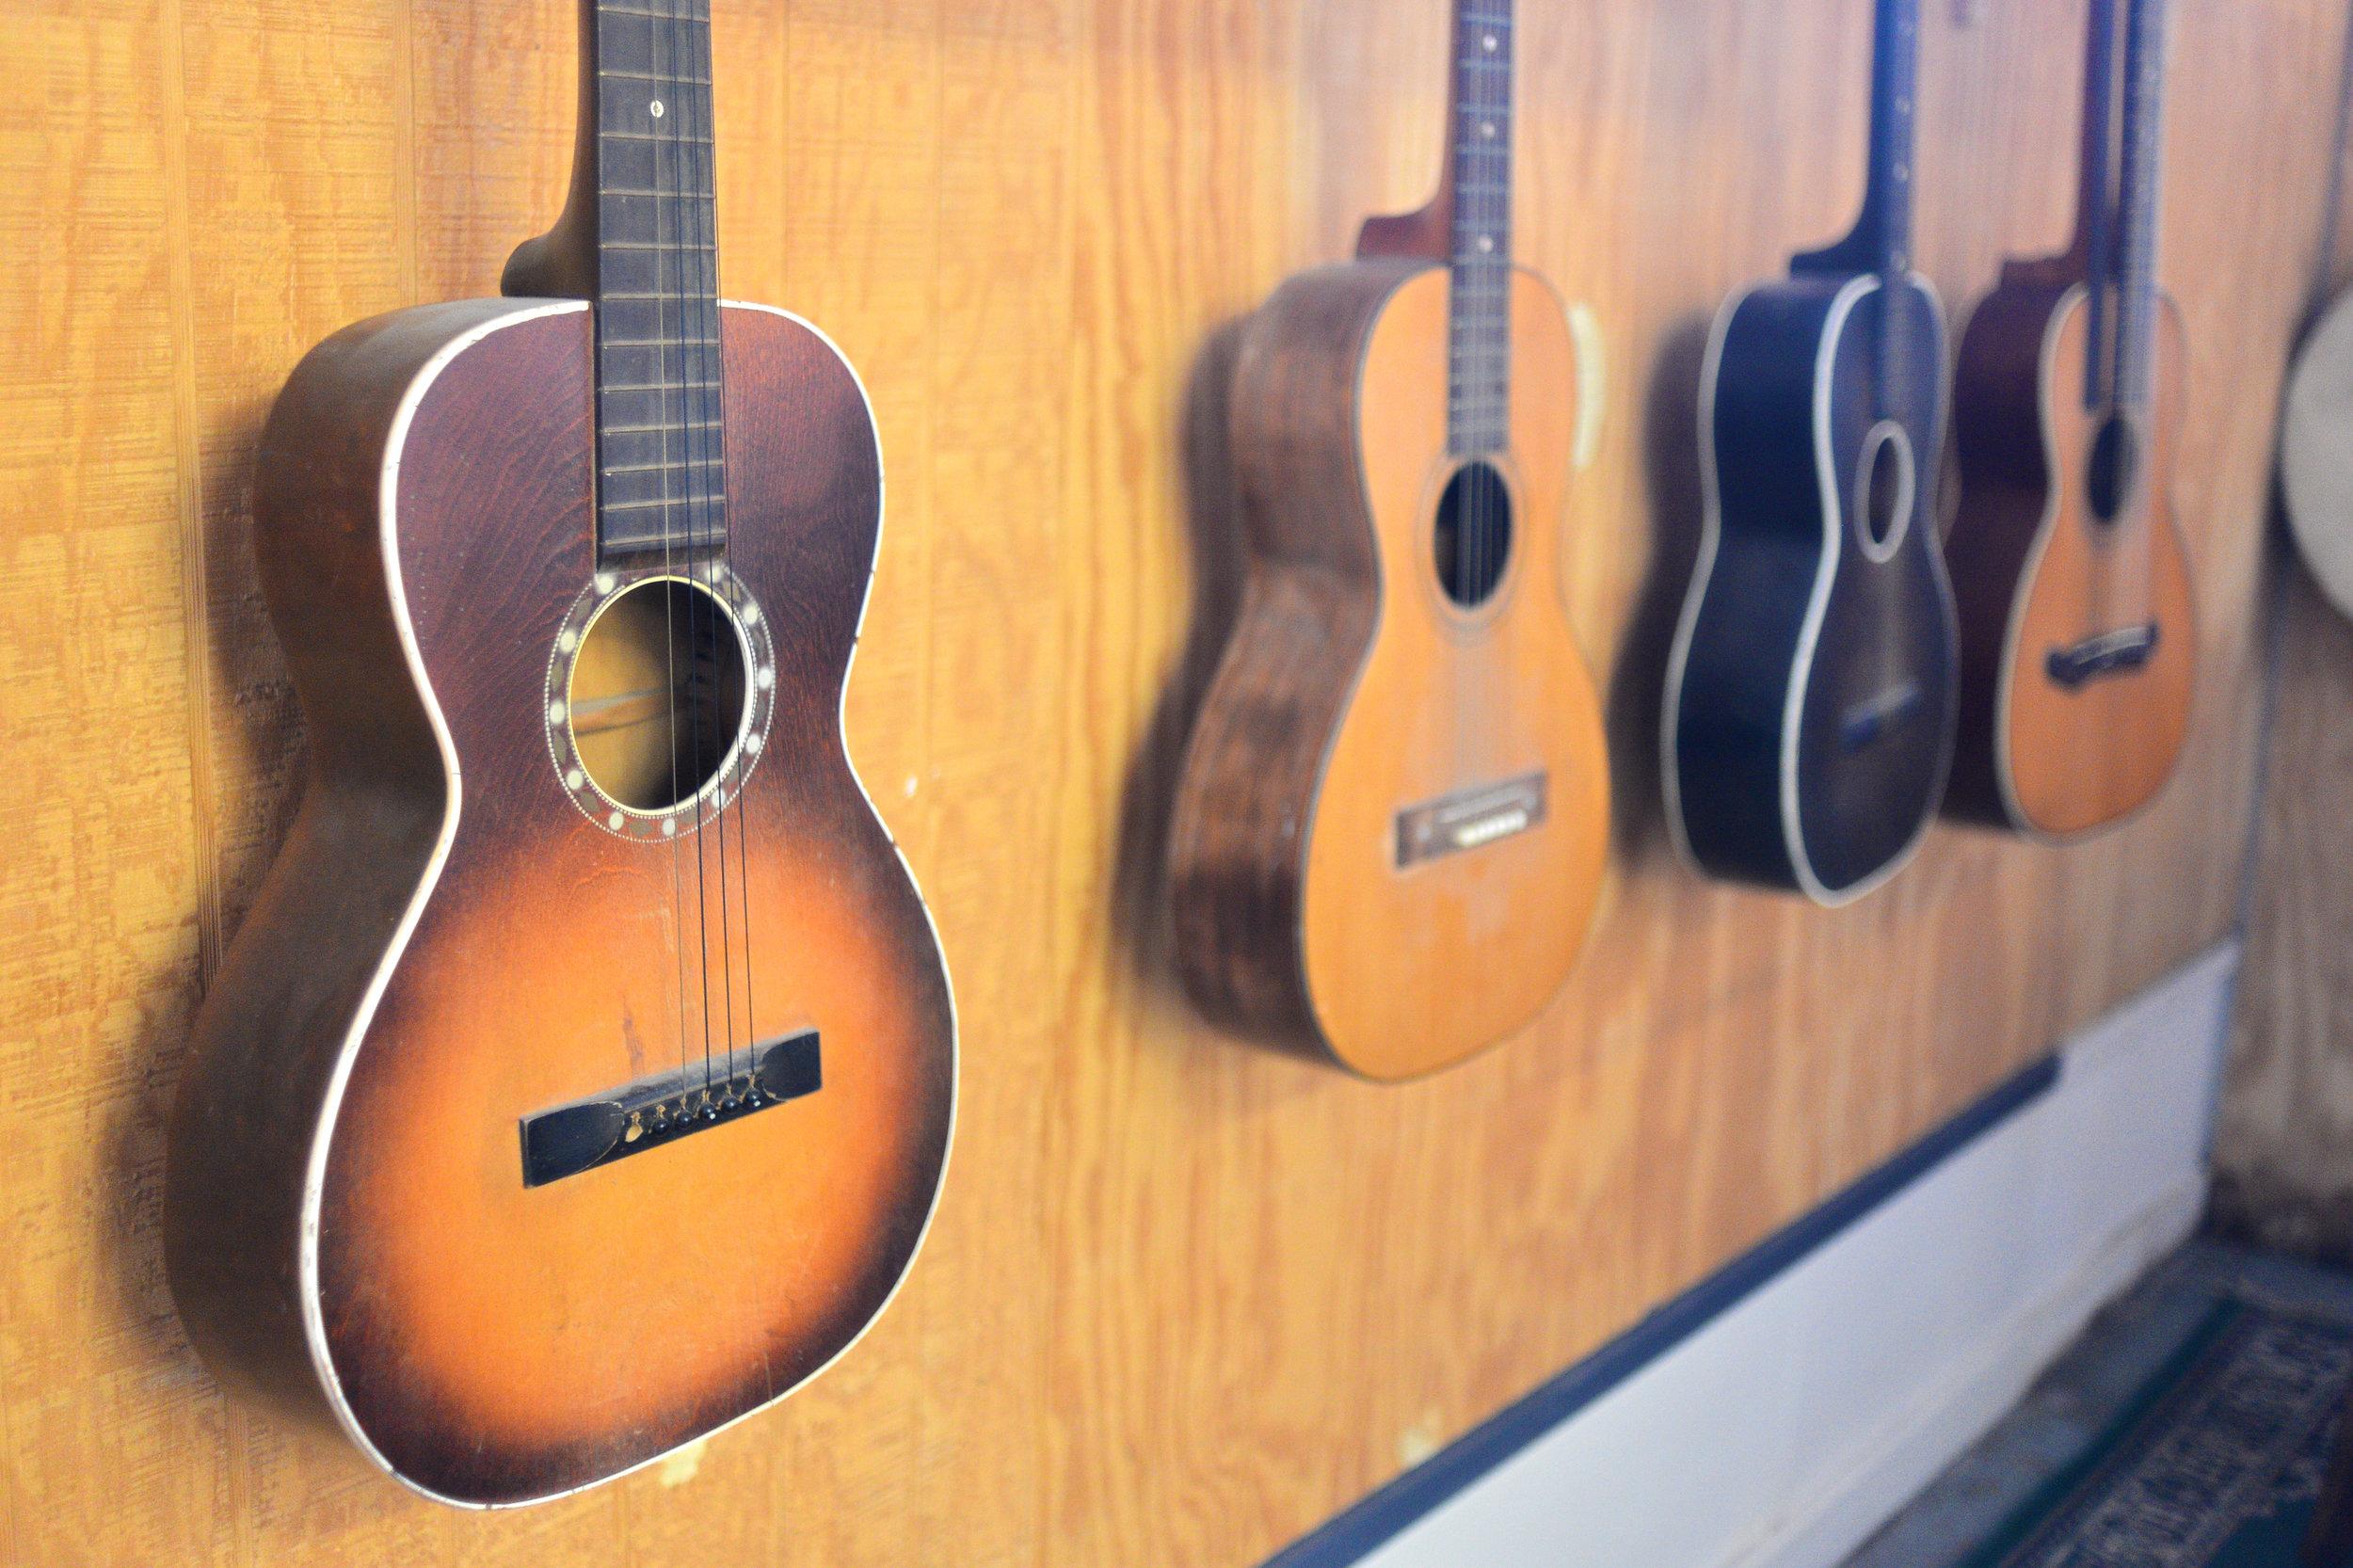 Vintage Small Folk Guitars  by  Ronald Sarayudej ,  Attribution 2.0 Generic